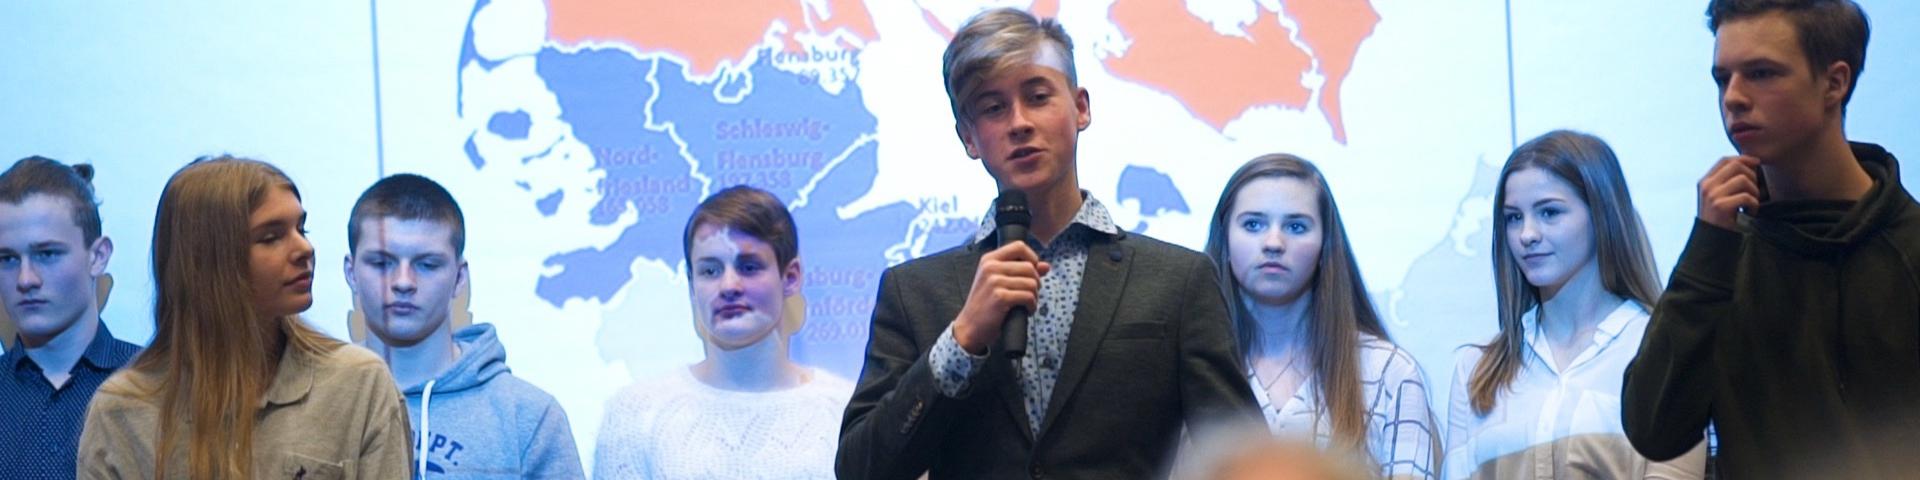 ung mennesker holder foredrag